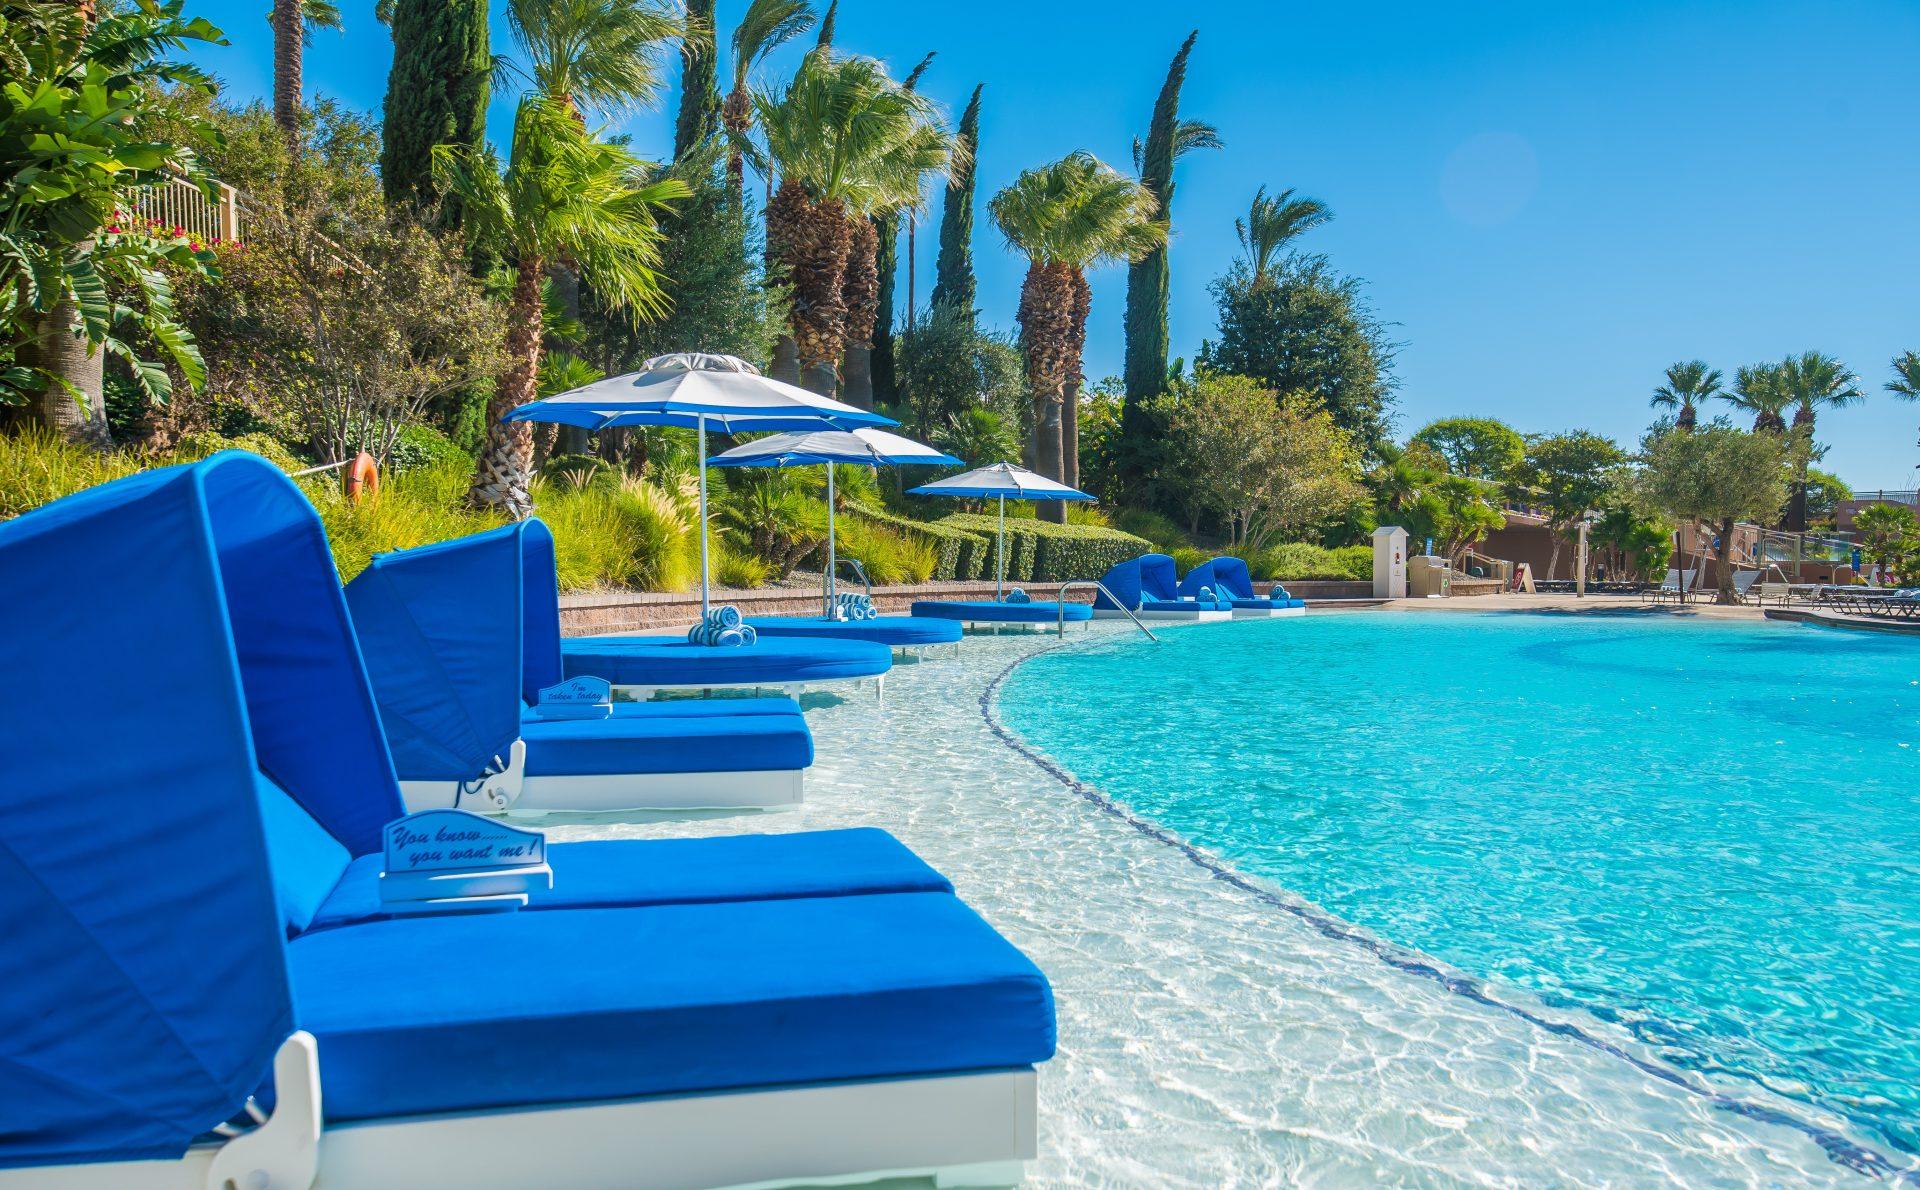 Sage Spa at Morongo Casino Resort